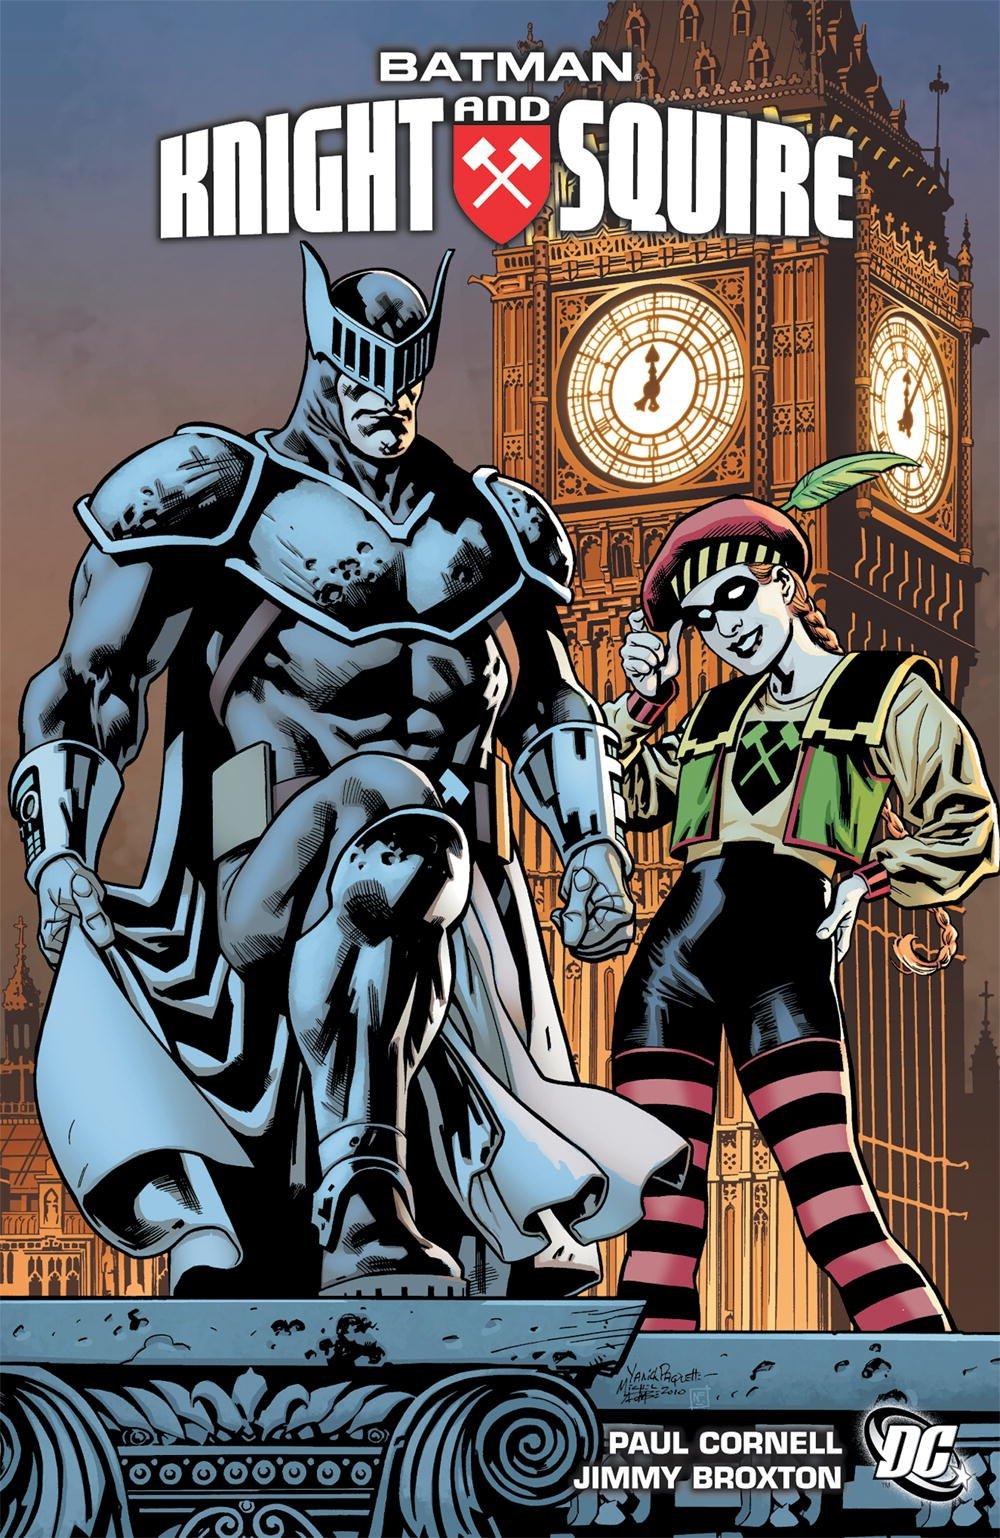 Amazon.com: Batman: Knight and Squire (9781401230715): Paul ...